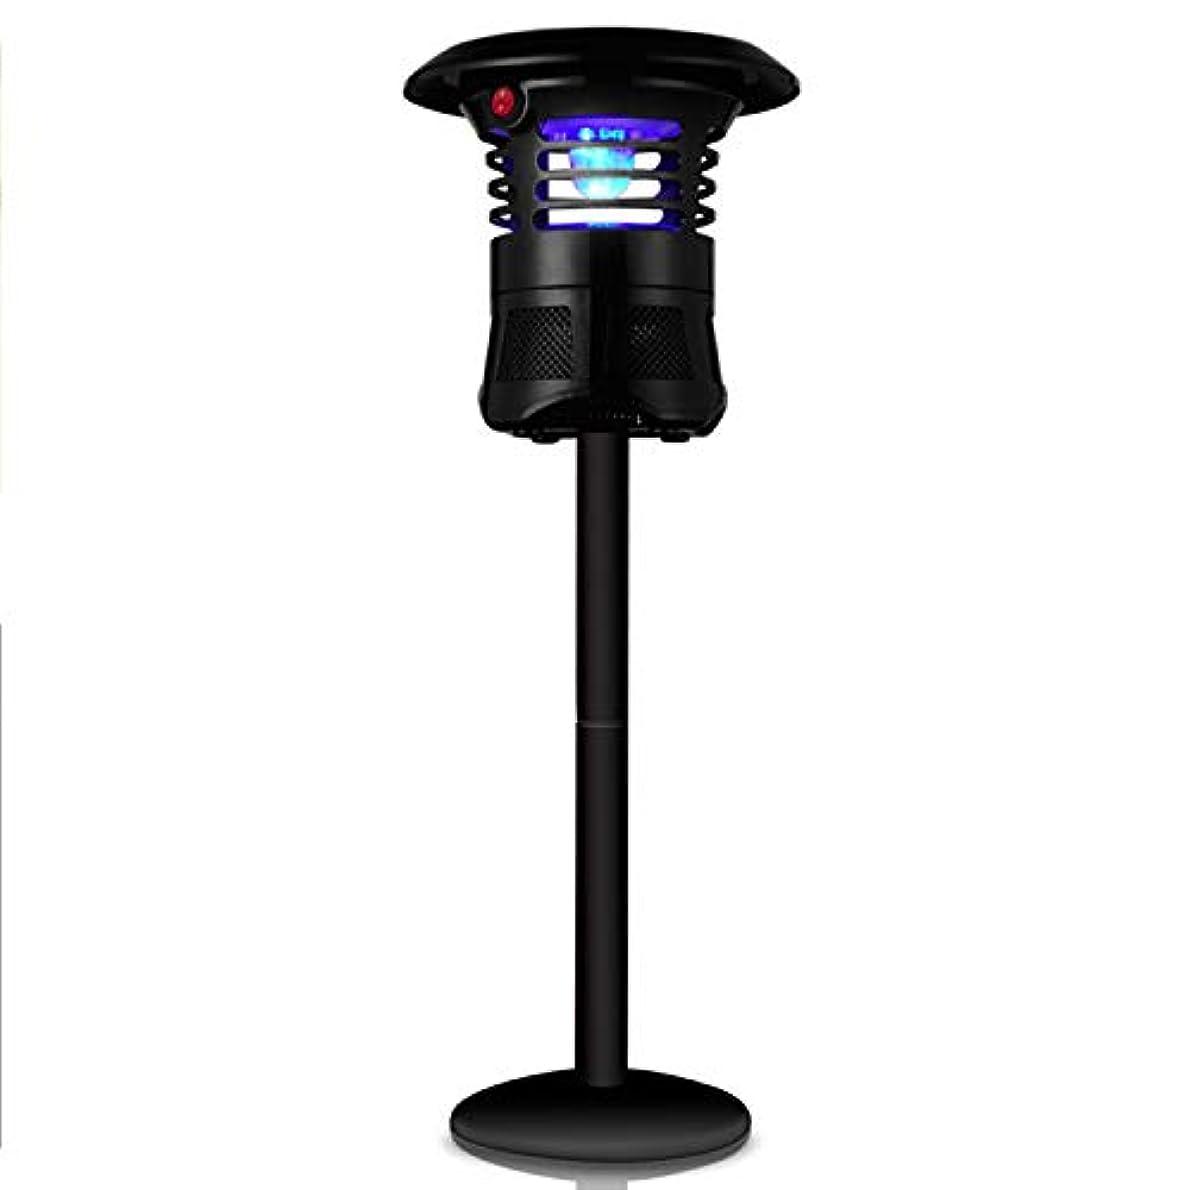 電子蚊キラー家庭用蚊ランプミュート放射線忌避昆虫USB寝室キッチン妊娠中の赤ちゃん利用可能365ナノ光波昆虫キラー屋外屋内ポーチ中庭裏庭 強い